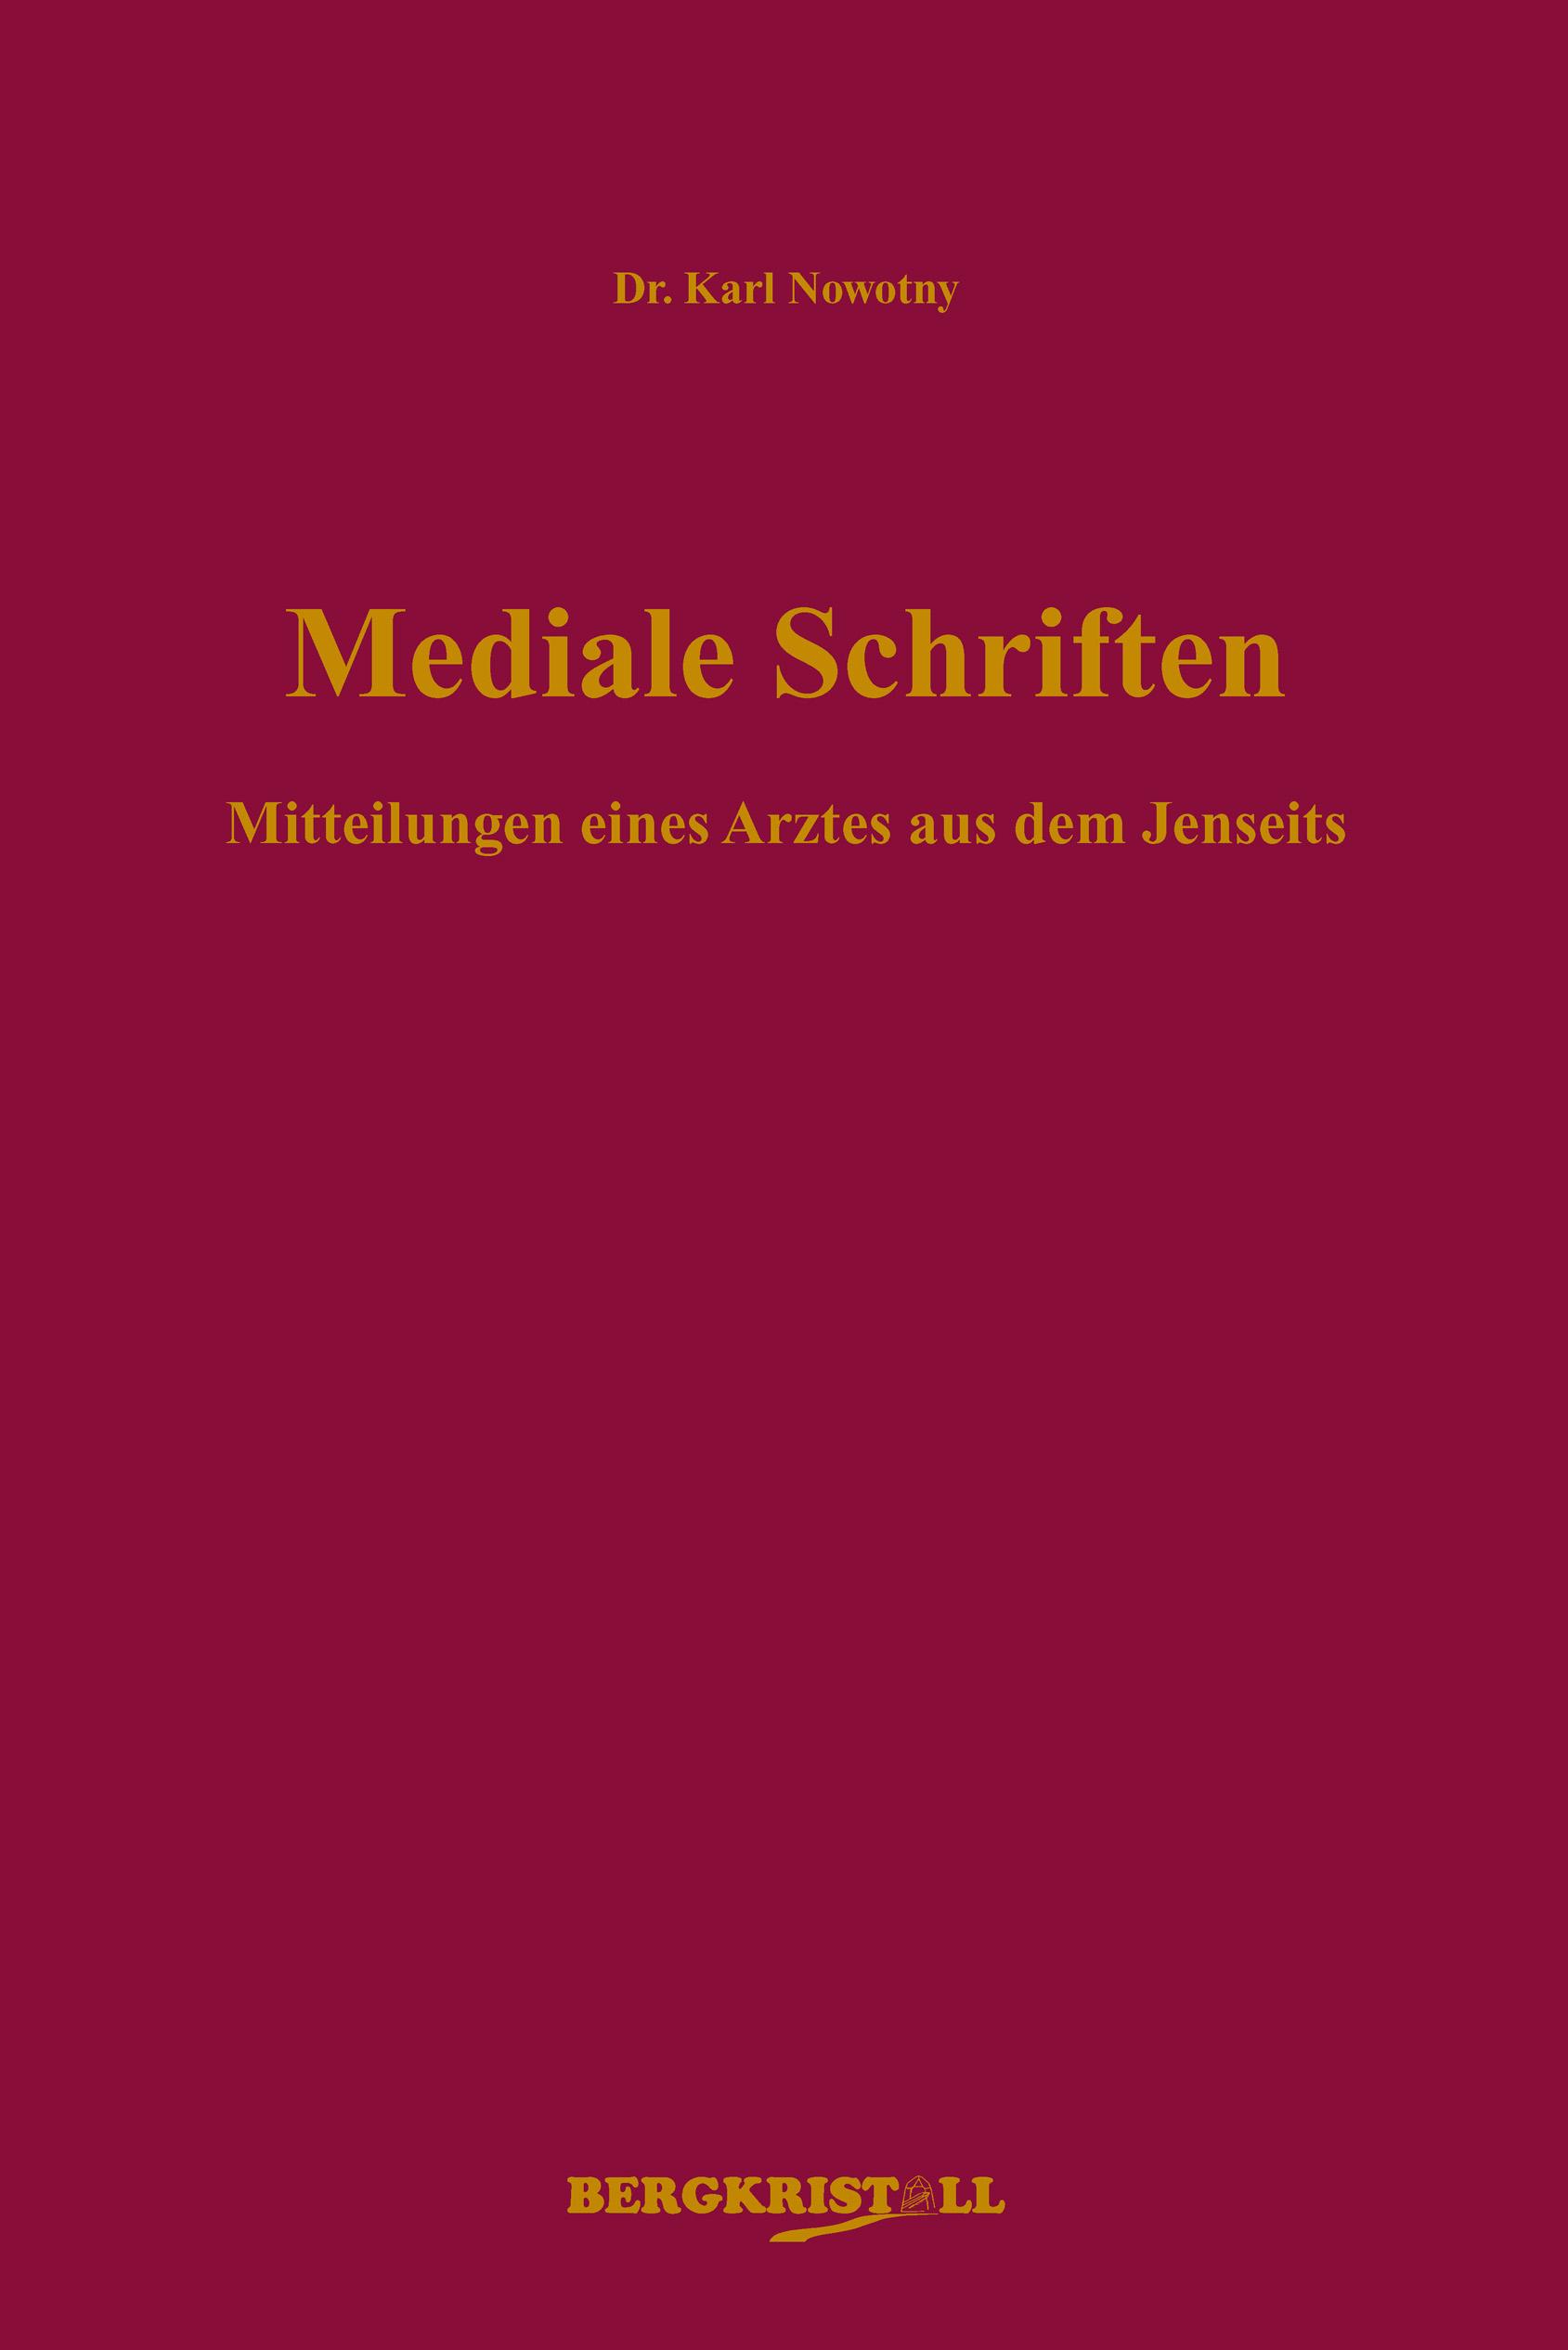 Buchcover Dr. Karl Nowotny - Mediale Schriften - deutsche Ausgabe